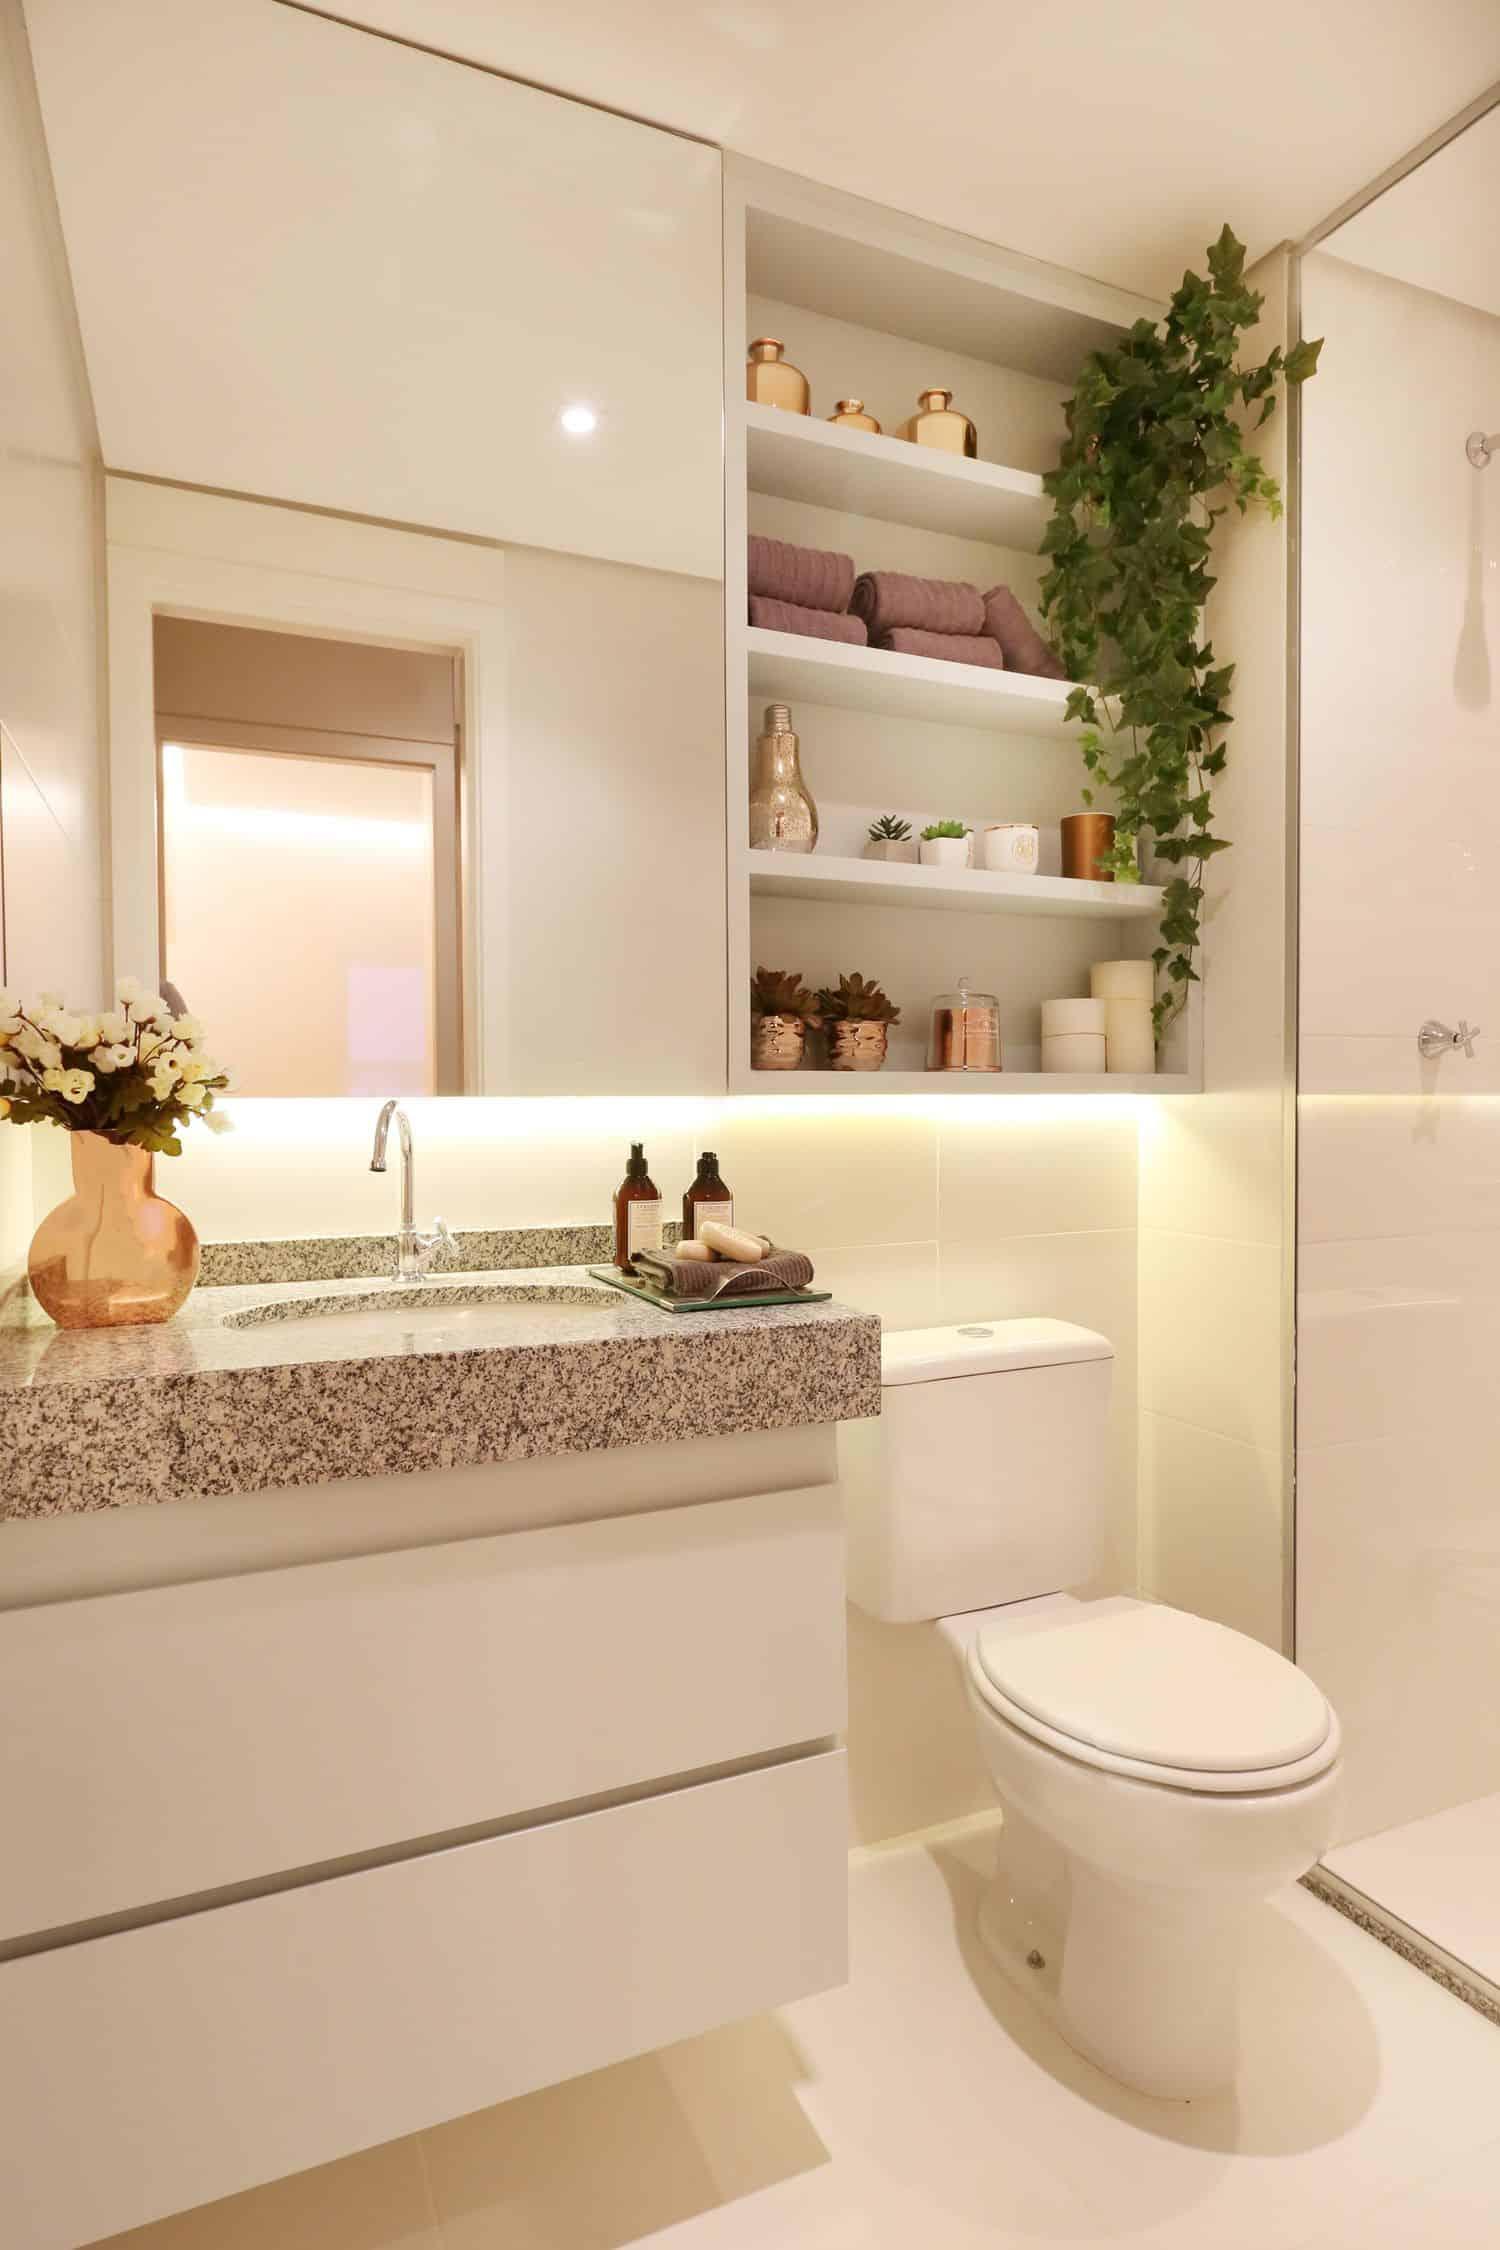 Banheiro branco simples com vegetação